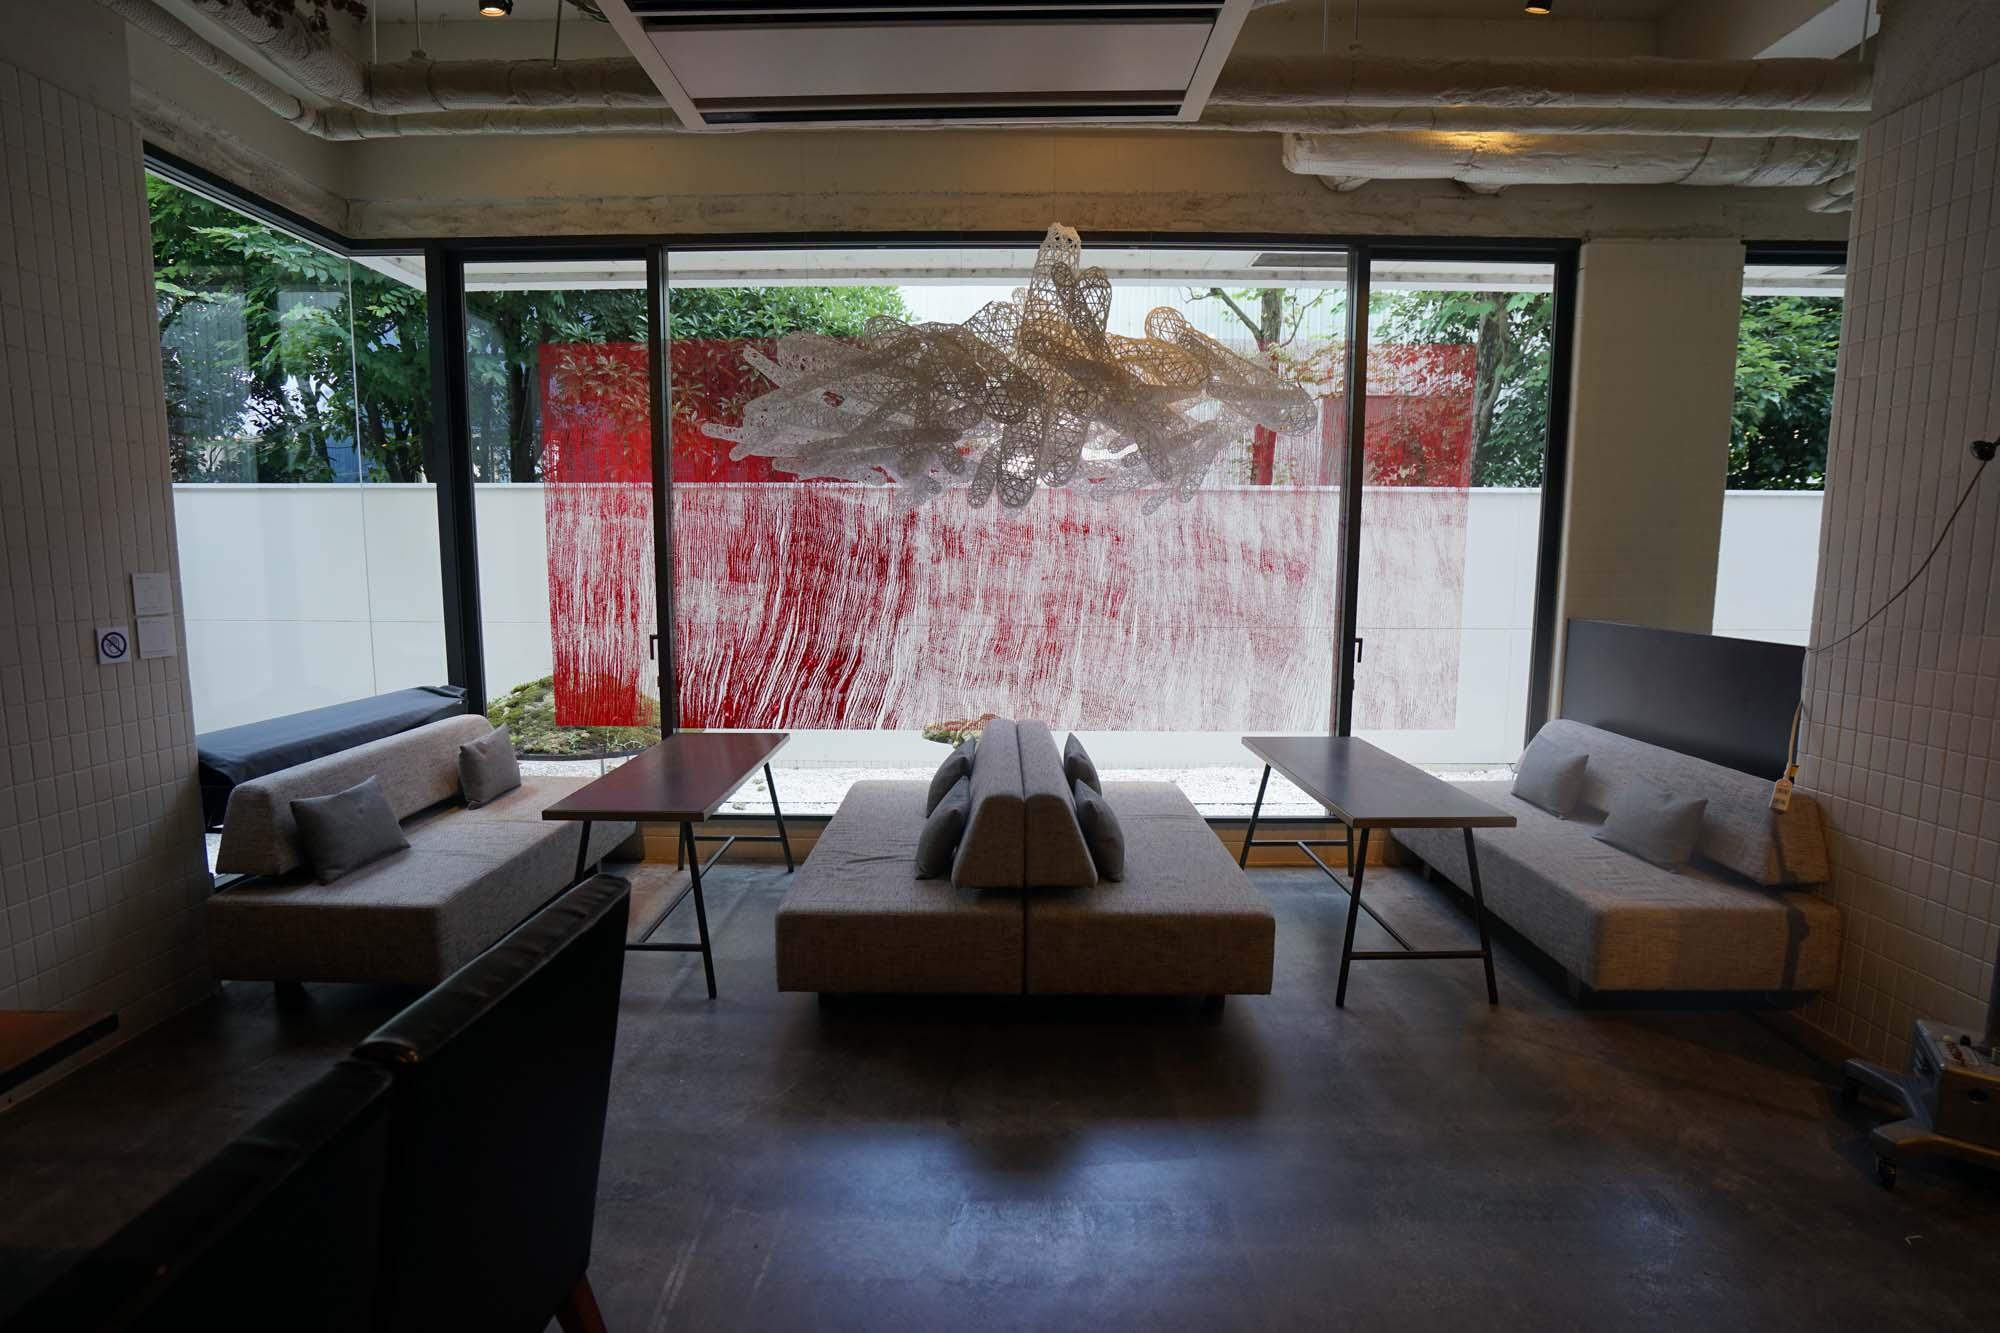 1階にアートギャラリーが併設され、客室内にも作品のあるアートなホテル、アンテルーム京都。1階ロビーの隣にある開放的な「ANTEROOM BAR」は、20時〜25時までがバータイム。それ以外の時間も開放されていて、コワーキングスペースとして使用が可能です。